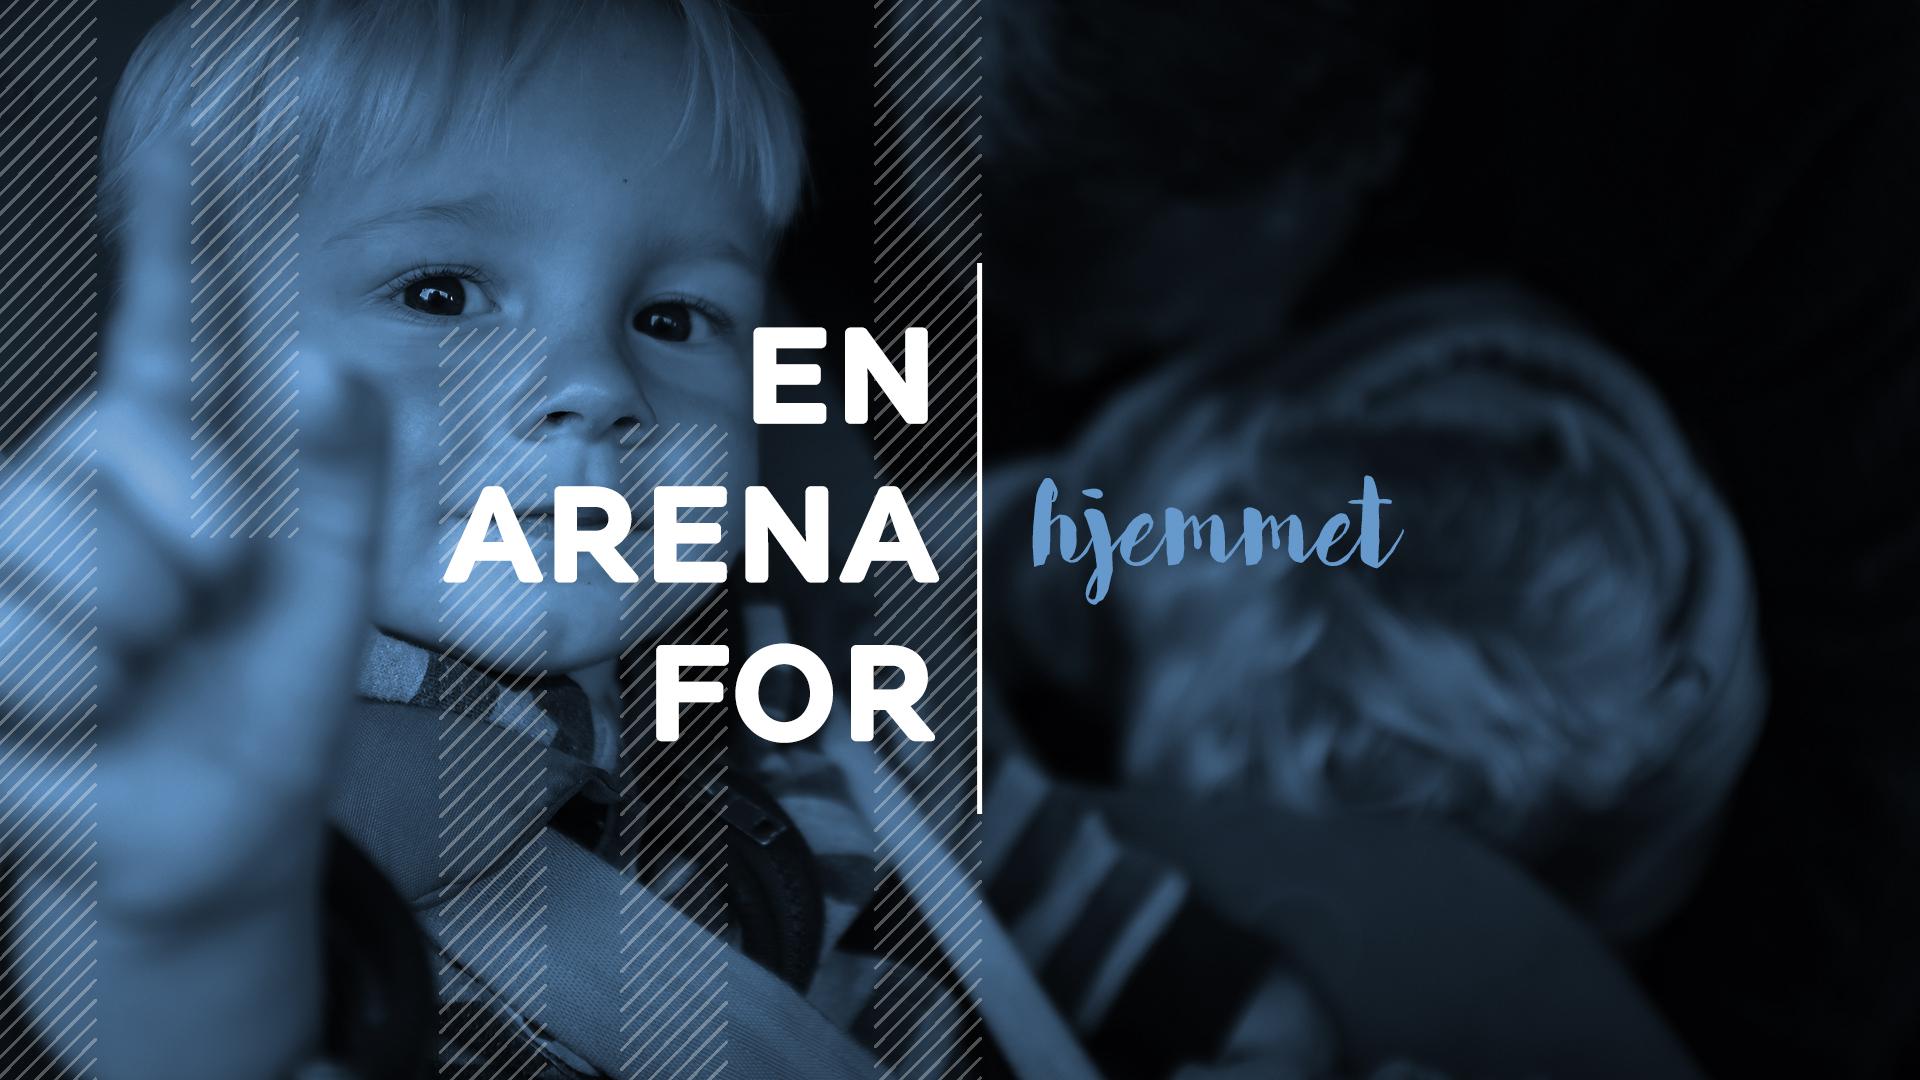 En arena for hjemmet, G1